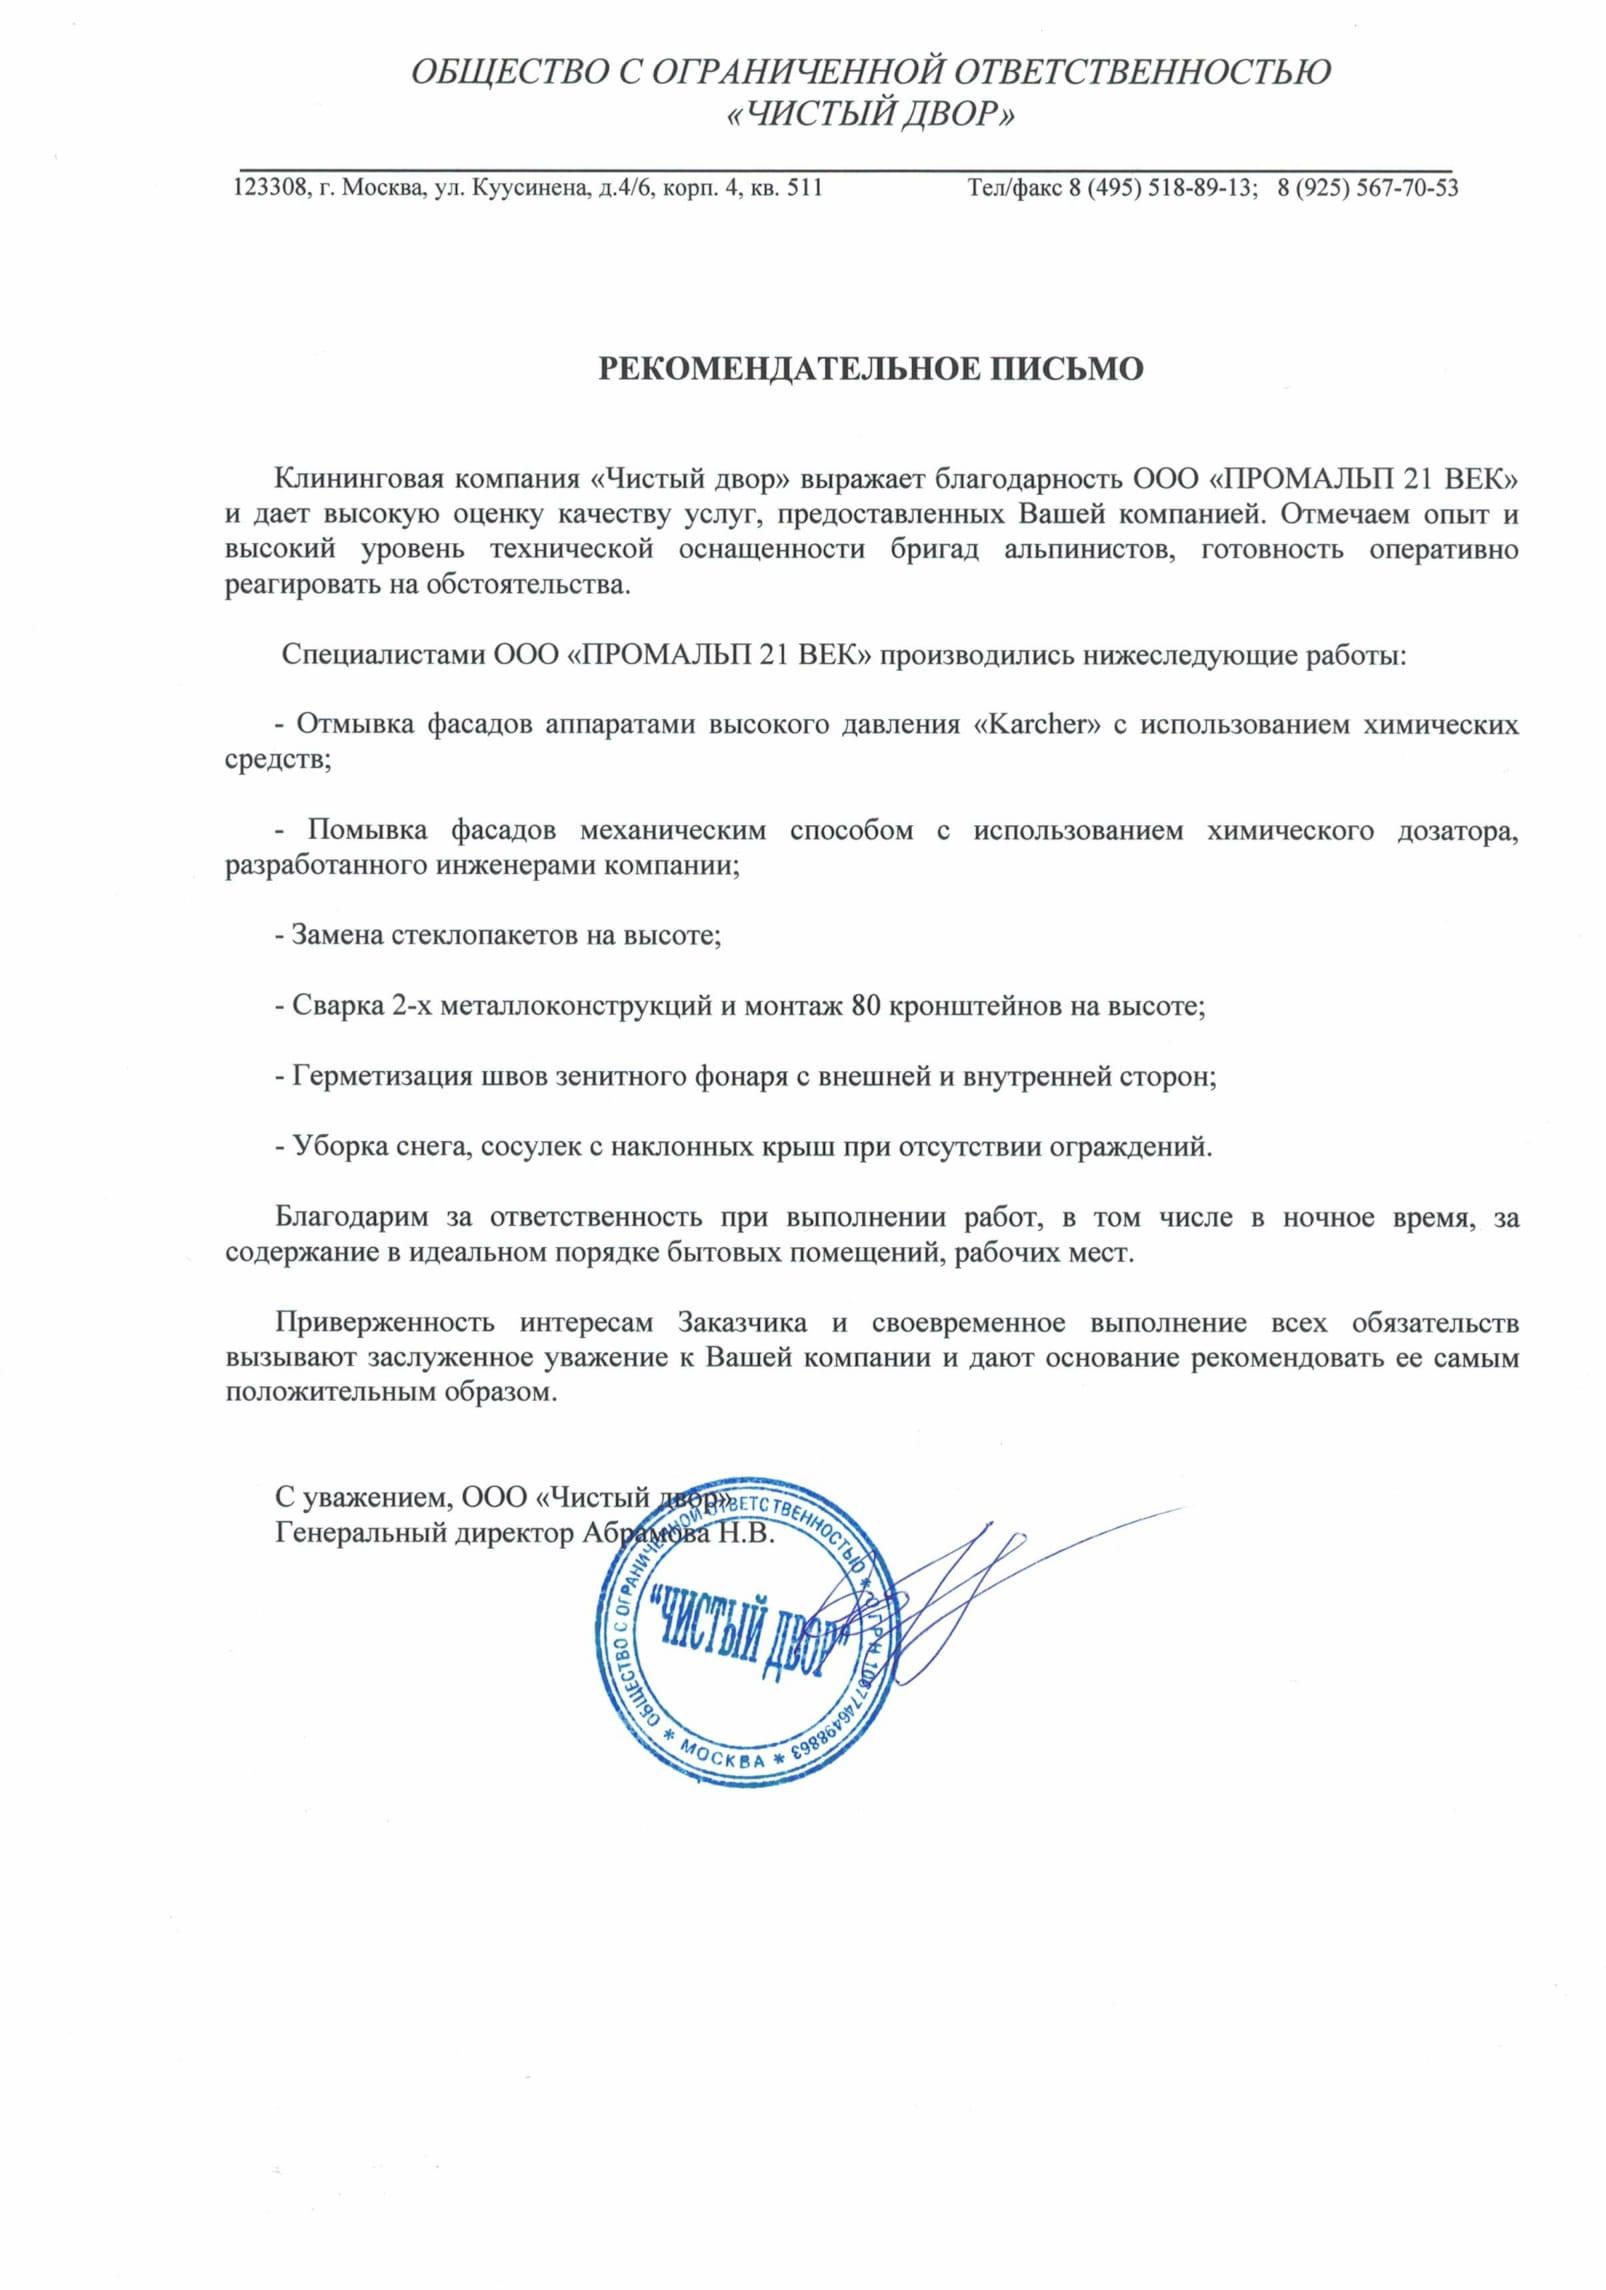 """ООО """"ЧИСТЫЙ ДВОР"""" – Рекомендательное письмо"""